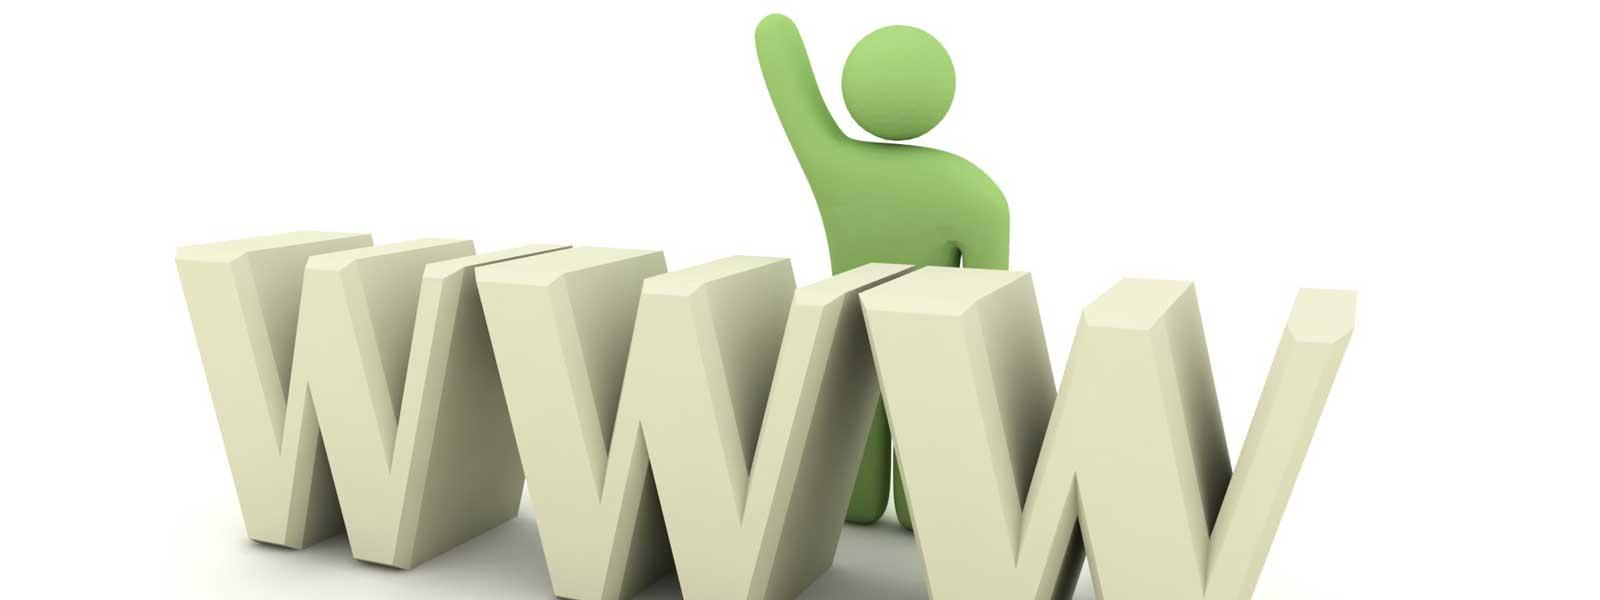 creative-website-design-in-RI